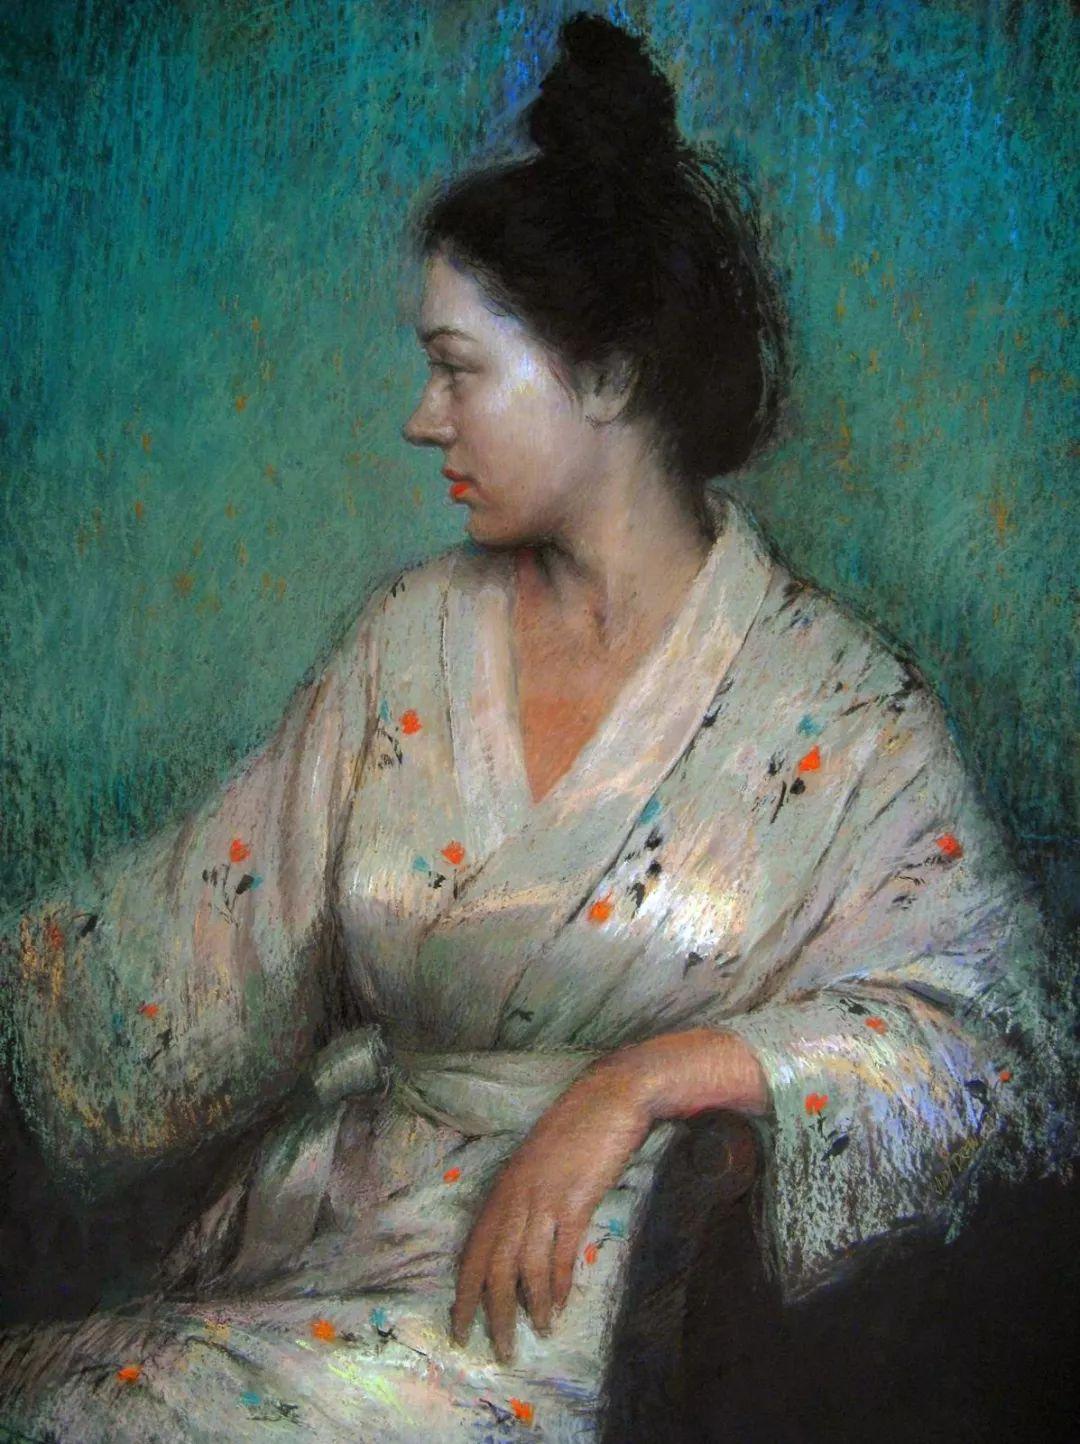 人物粉彩,澳大利亚女画家Judy Drew插图37